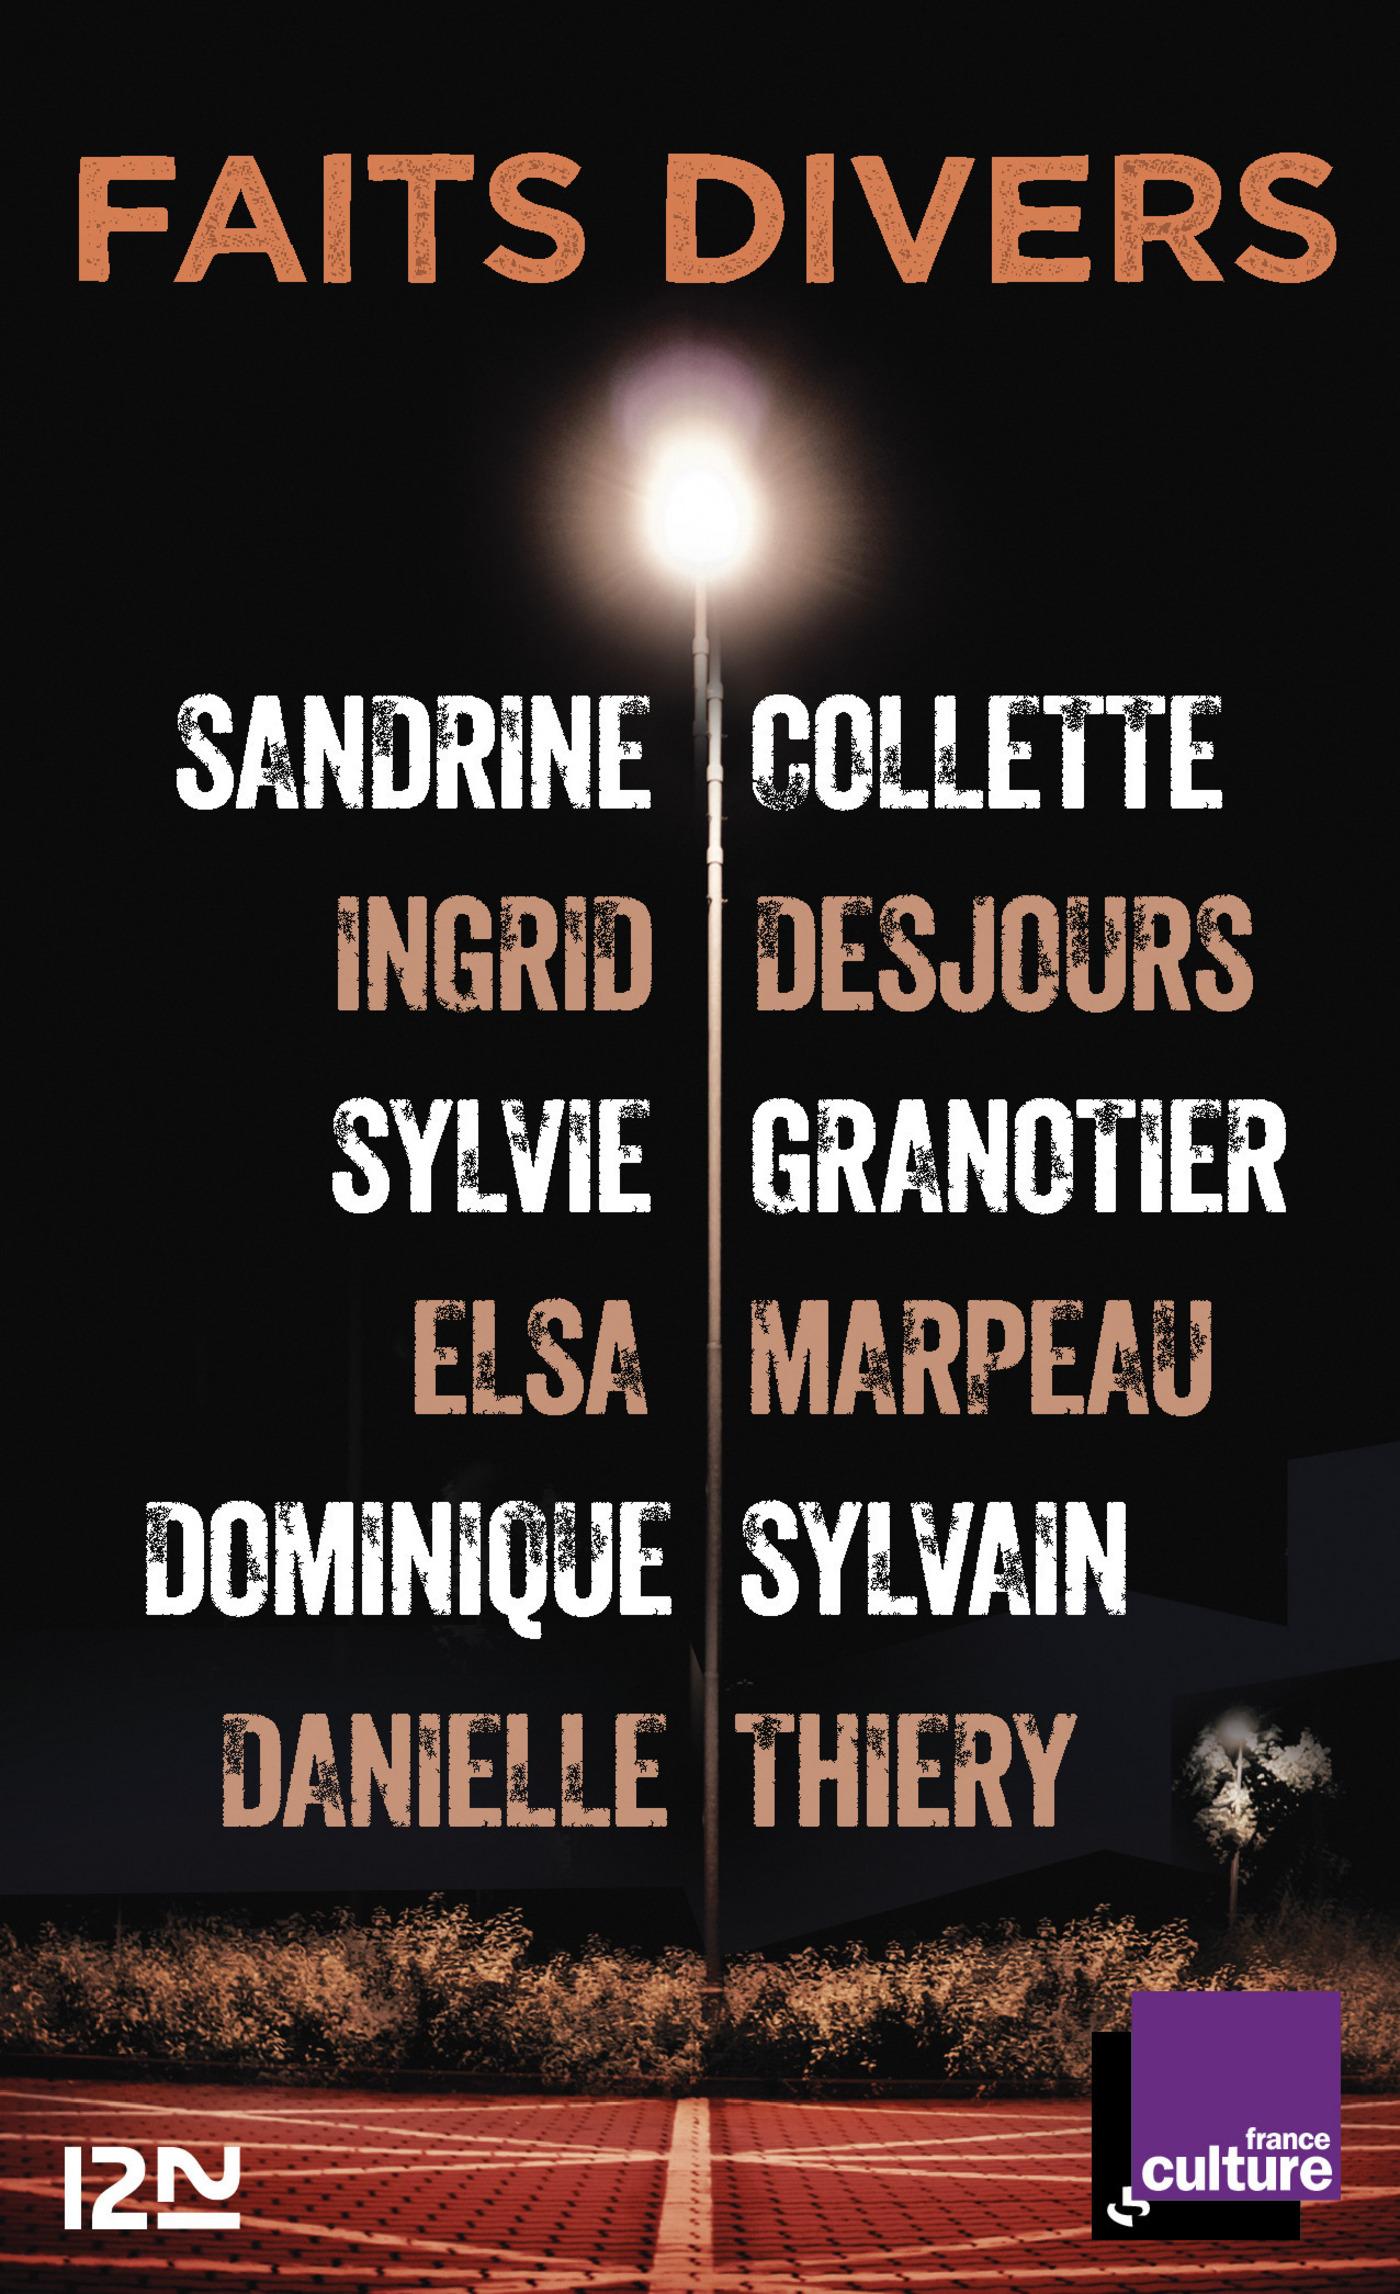 Faits divers | COLETTE, Sandrine